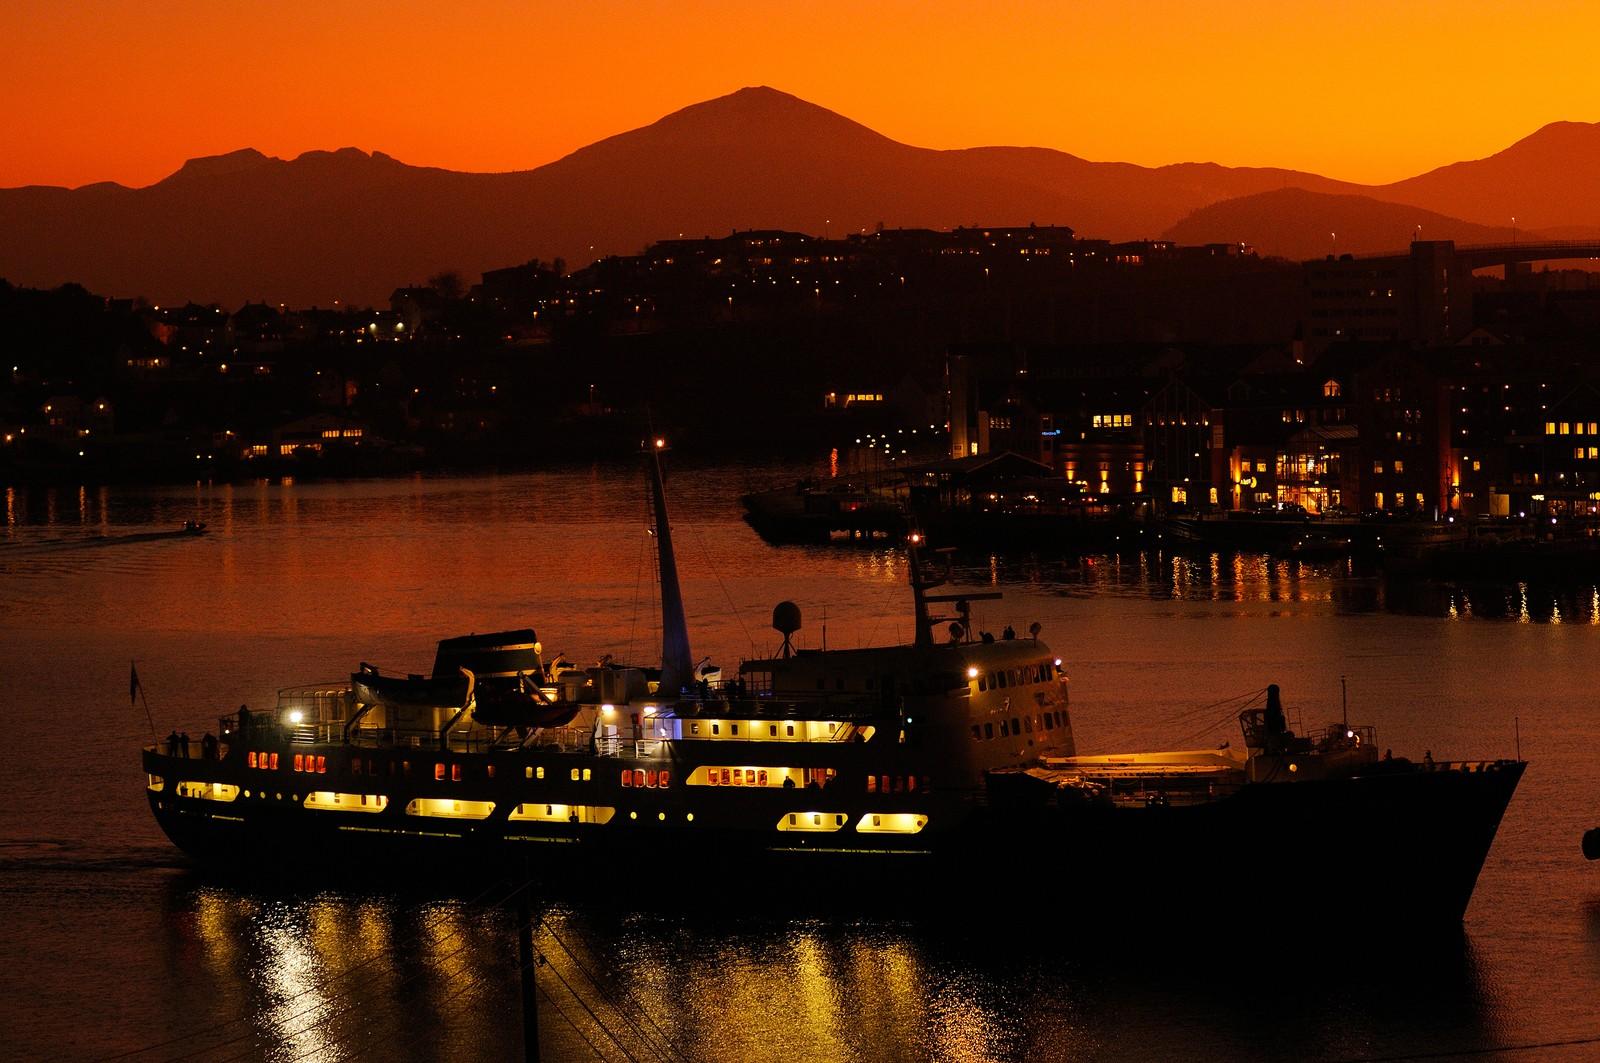 Hurtiguta Lofoten kommer til kai på havna i Kristiansund etter solnedgang.